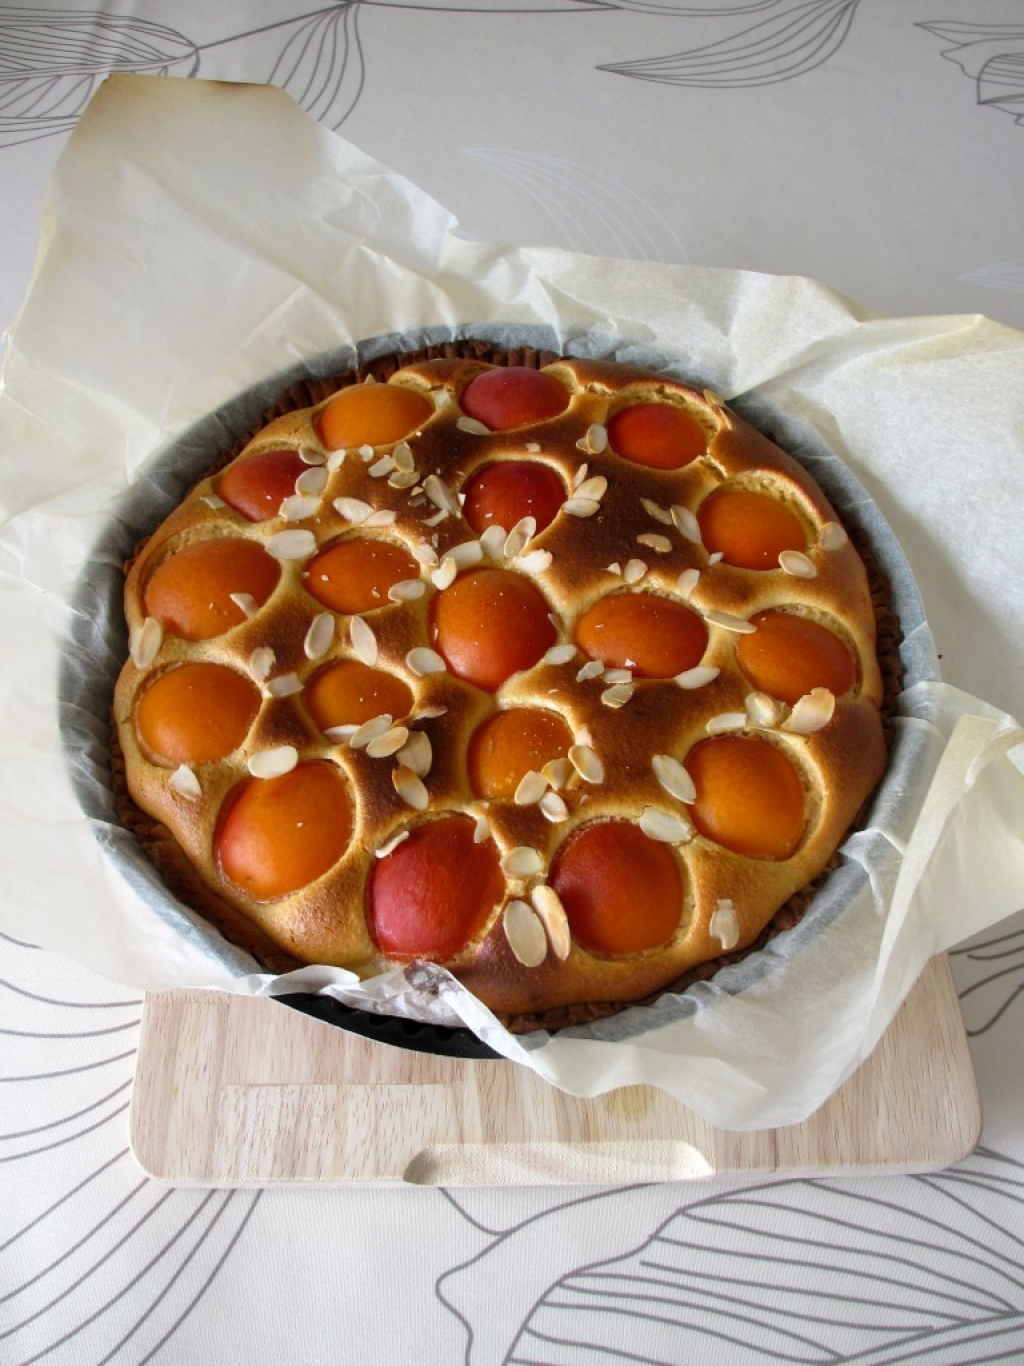 Recette tarte aux abricots 190794 - Recette de tarte aux abricots ...